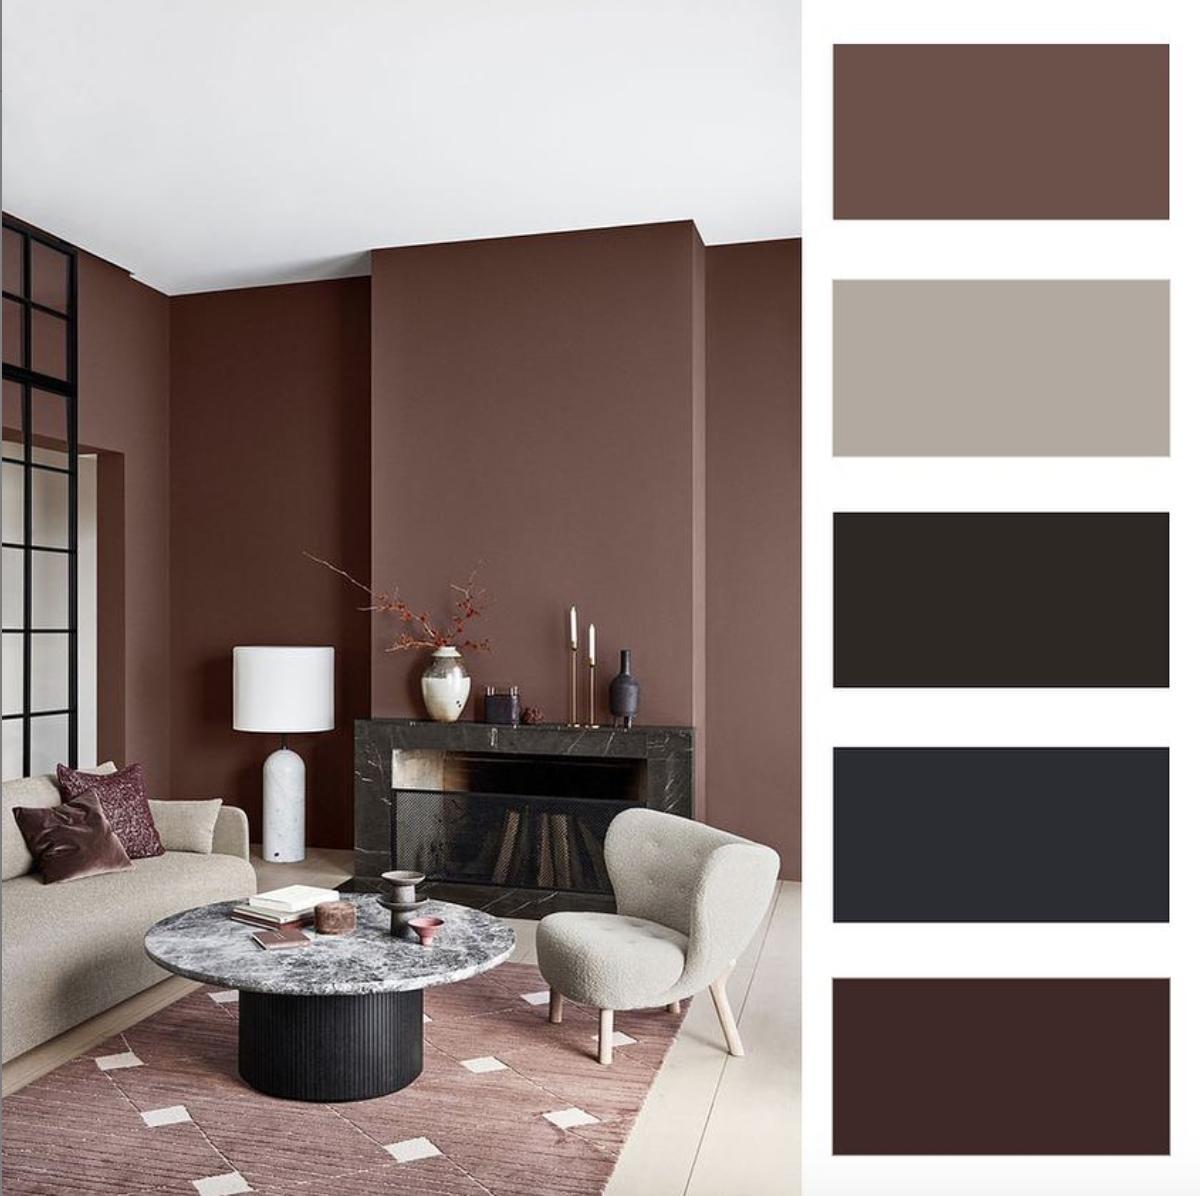 Farebné kombinácie - inšpirácie do interiéru - Obrázok č. 64